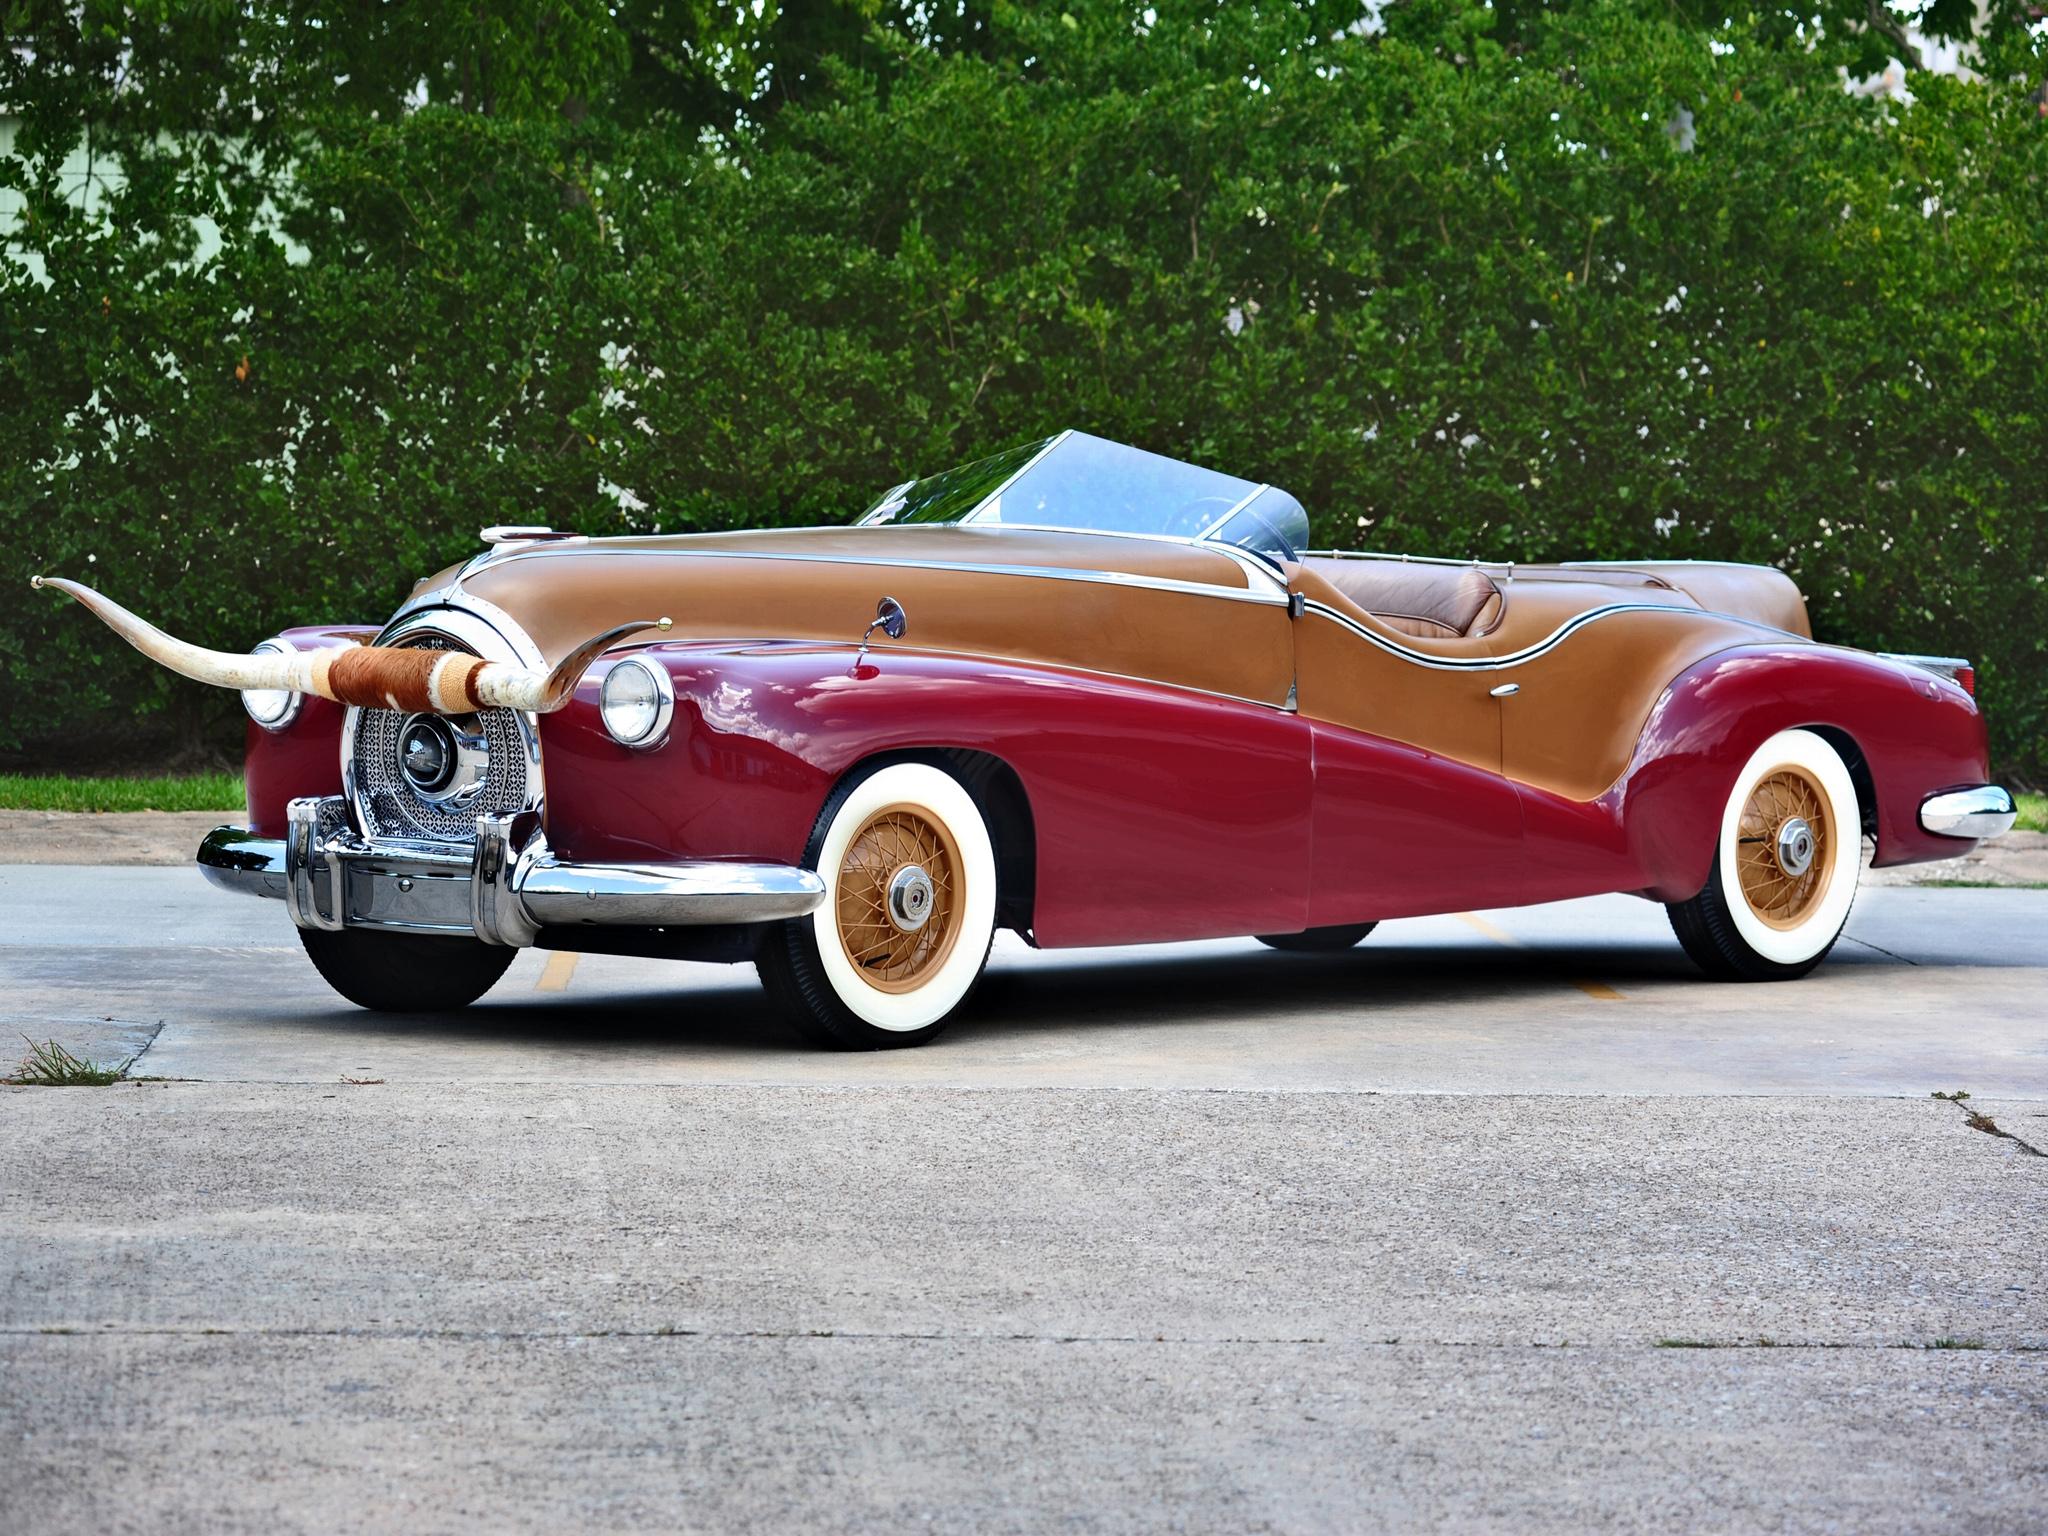 Cars That Start With J >> 1932 Duesenberg Model-J 462-2522 Custom Speedster supercar retro d wallpaper | 2048x1536 ...